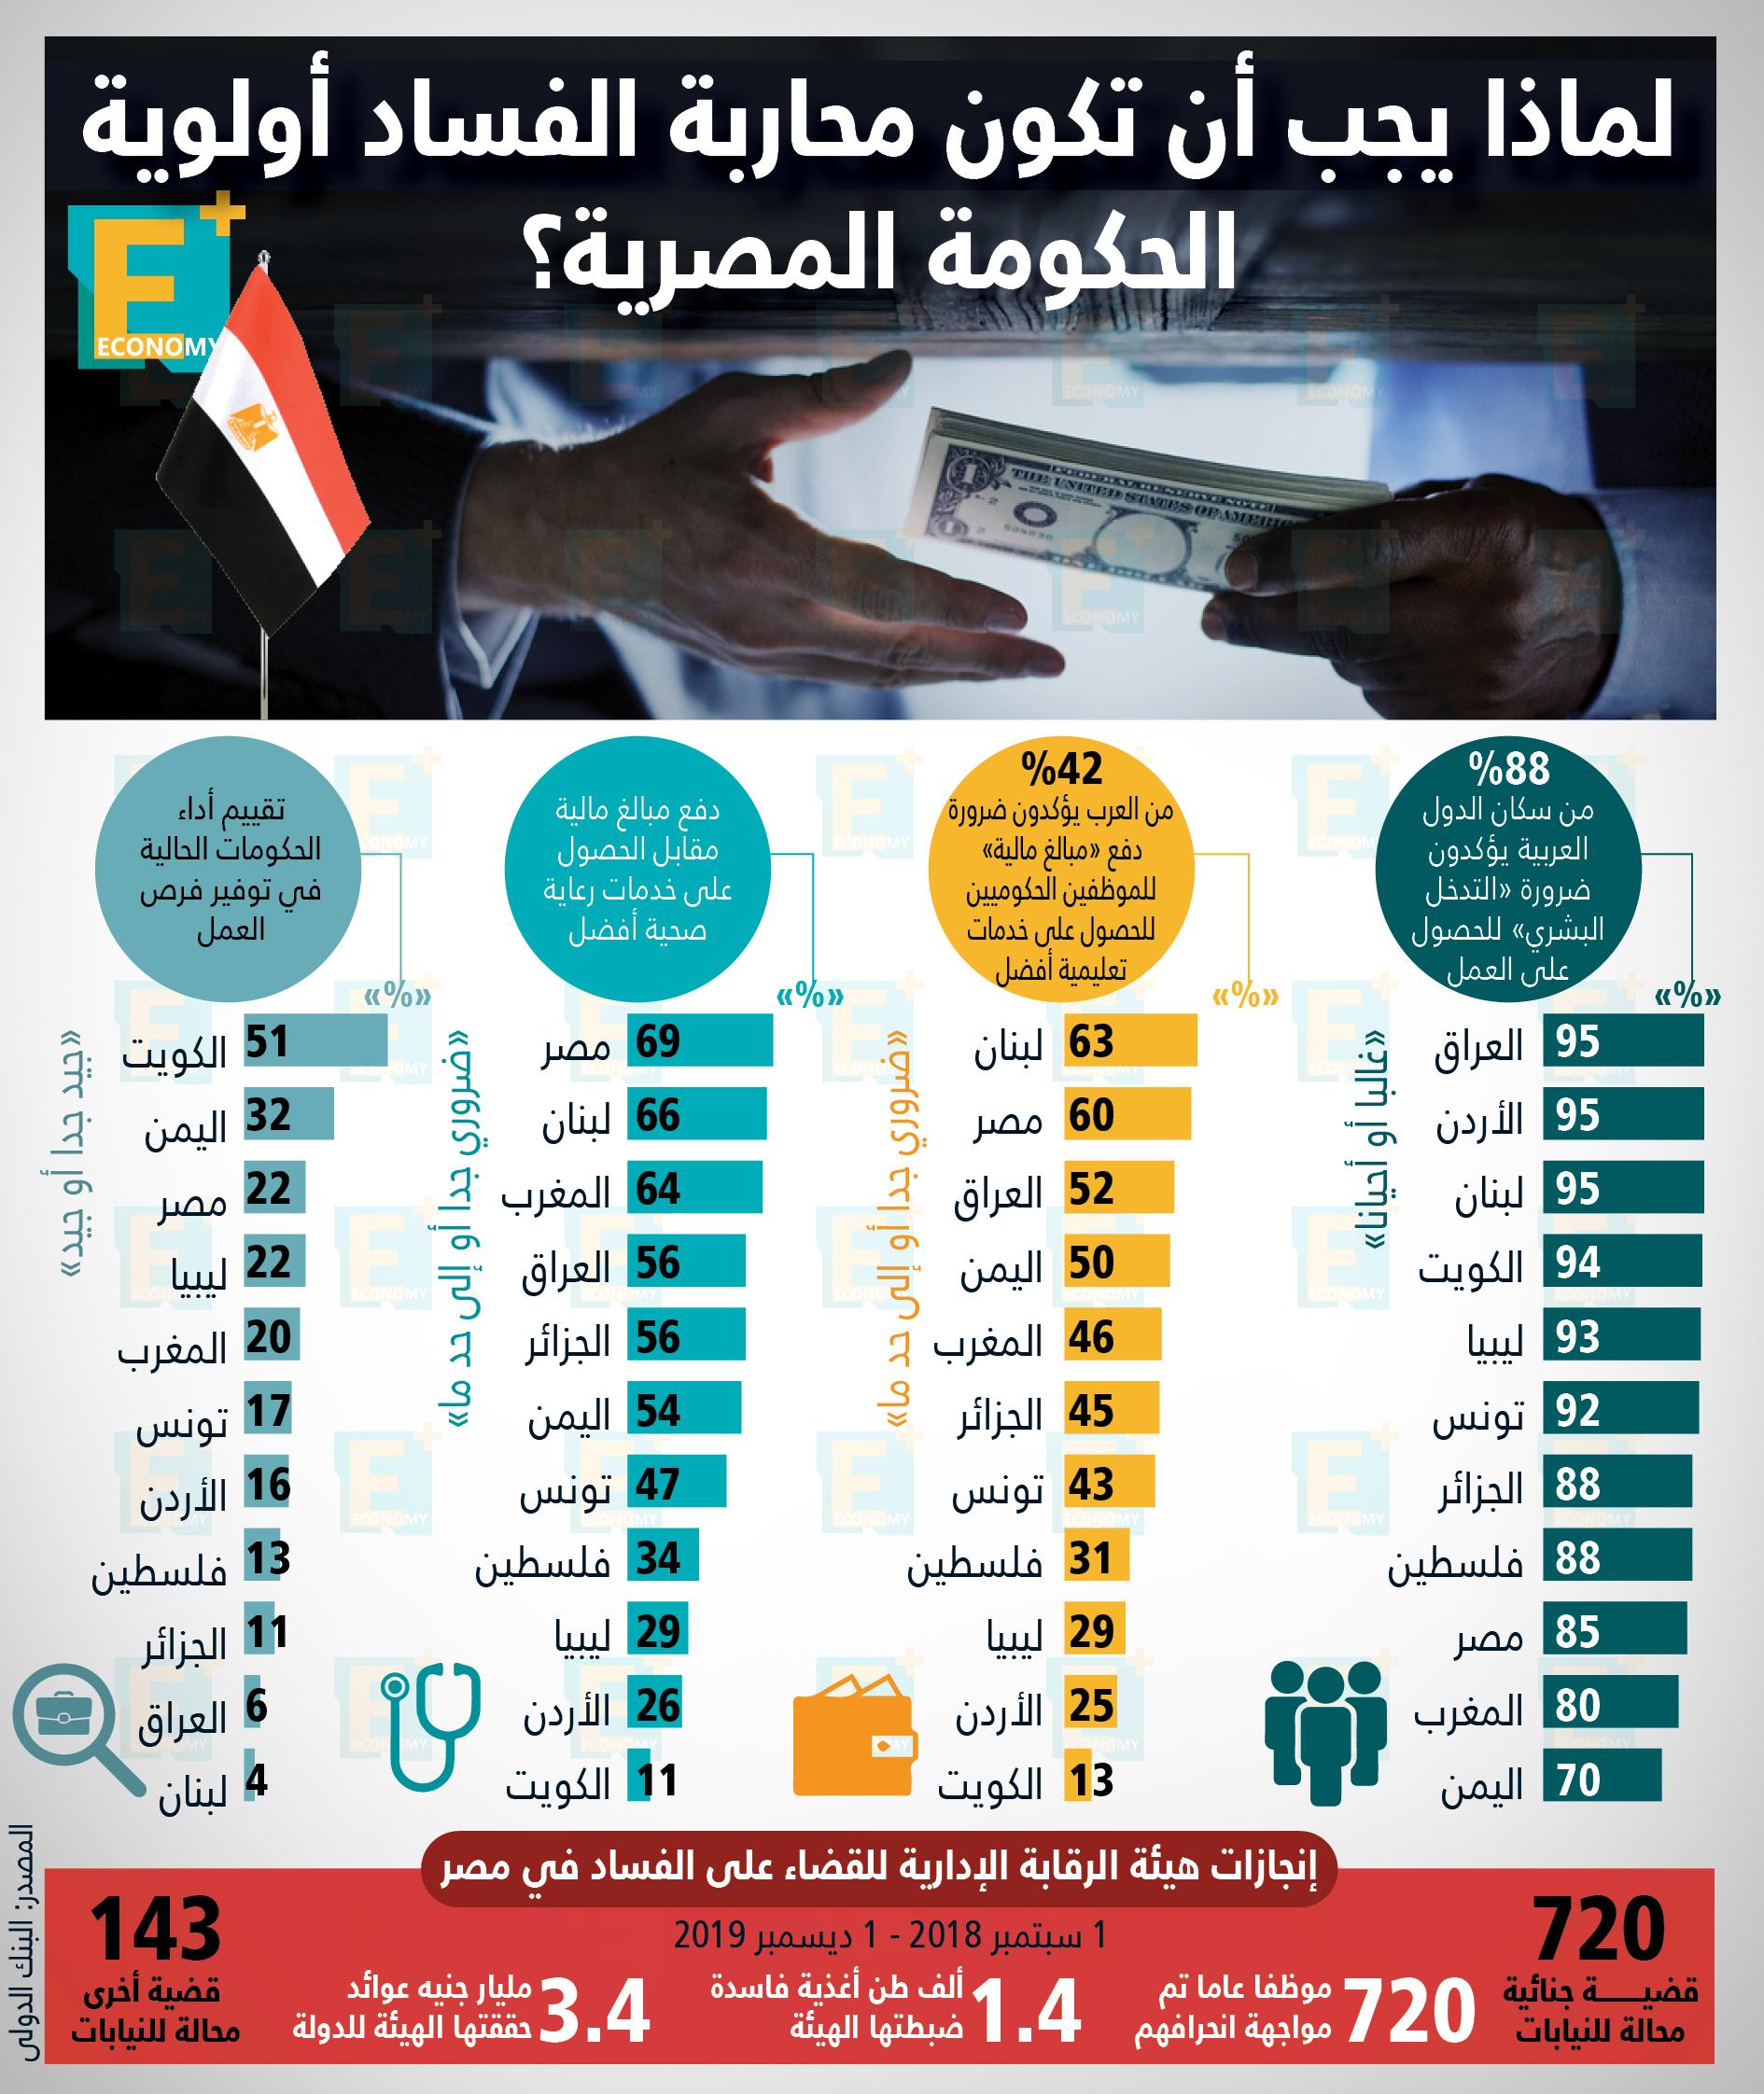 لماذا يجب أن تكون محاربة الفساد أولوية الحكومة المصرية؟